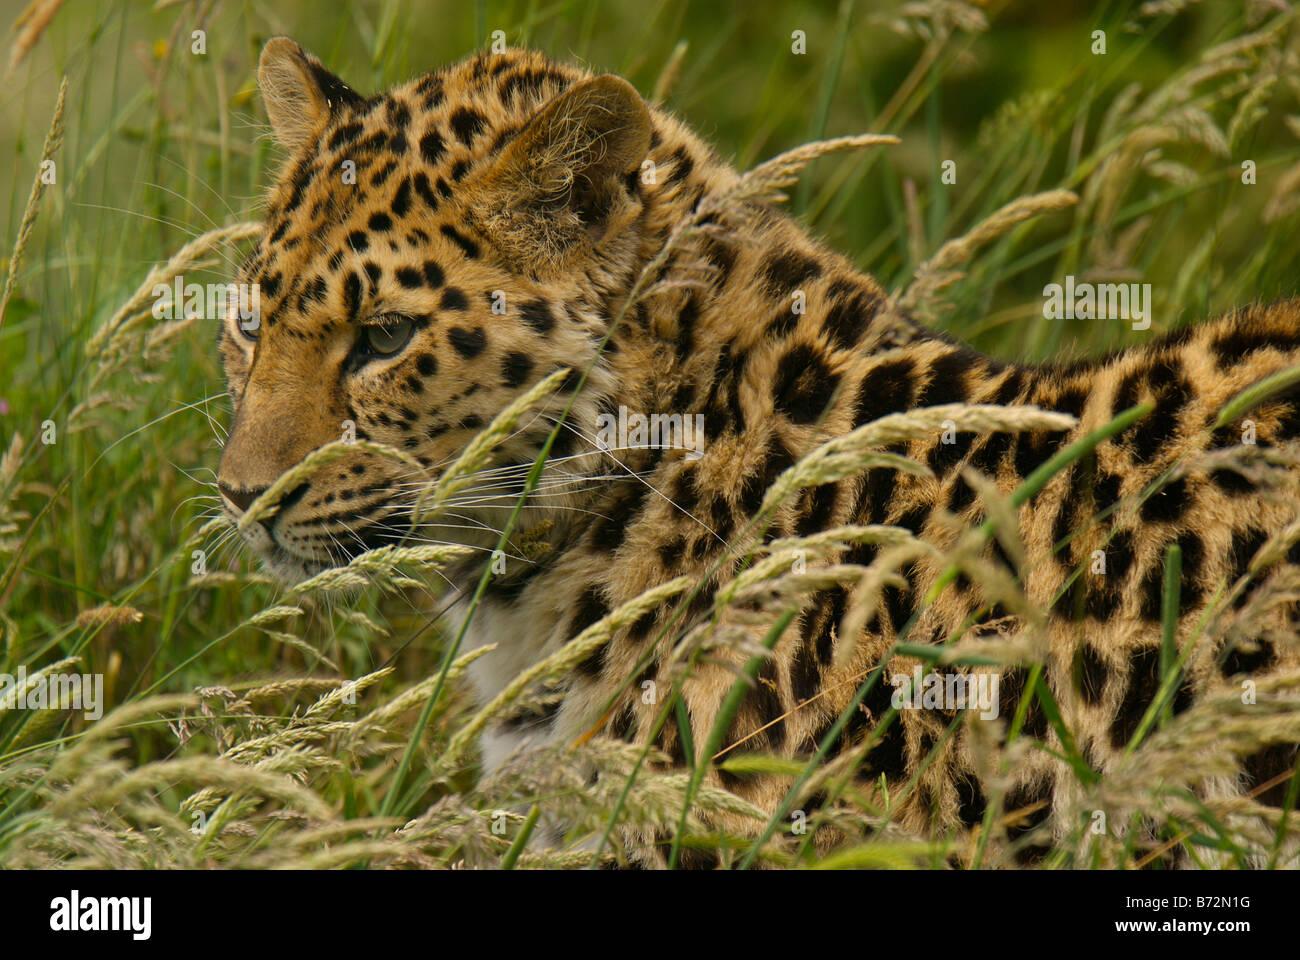 captive subadult Amur leopard [Panthera pardus orientalis] - Stock Image